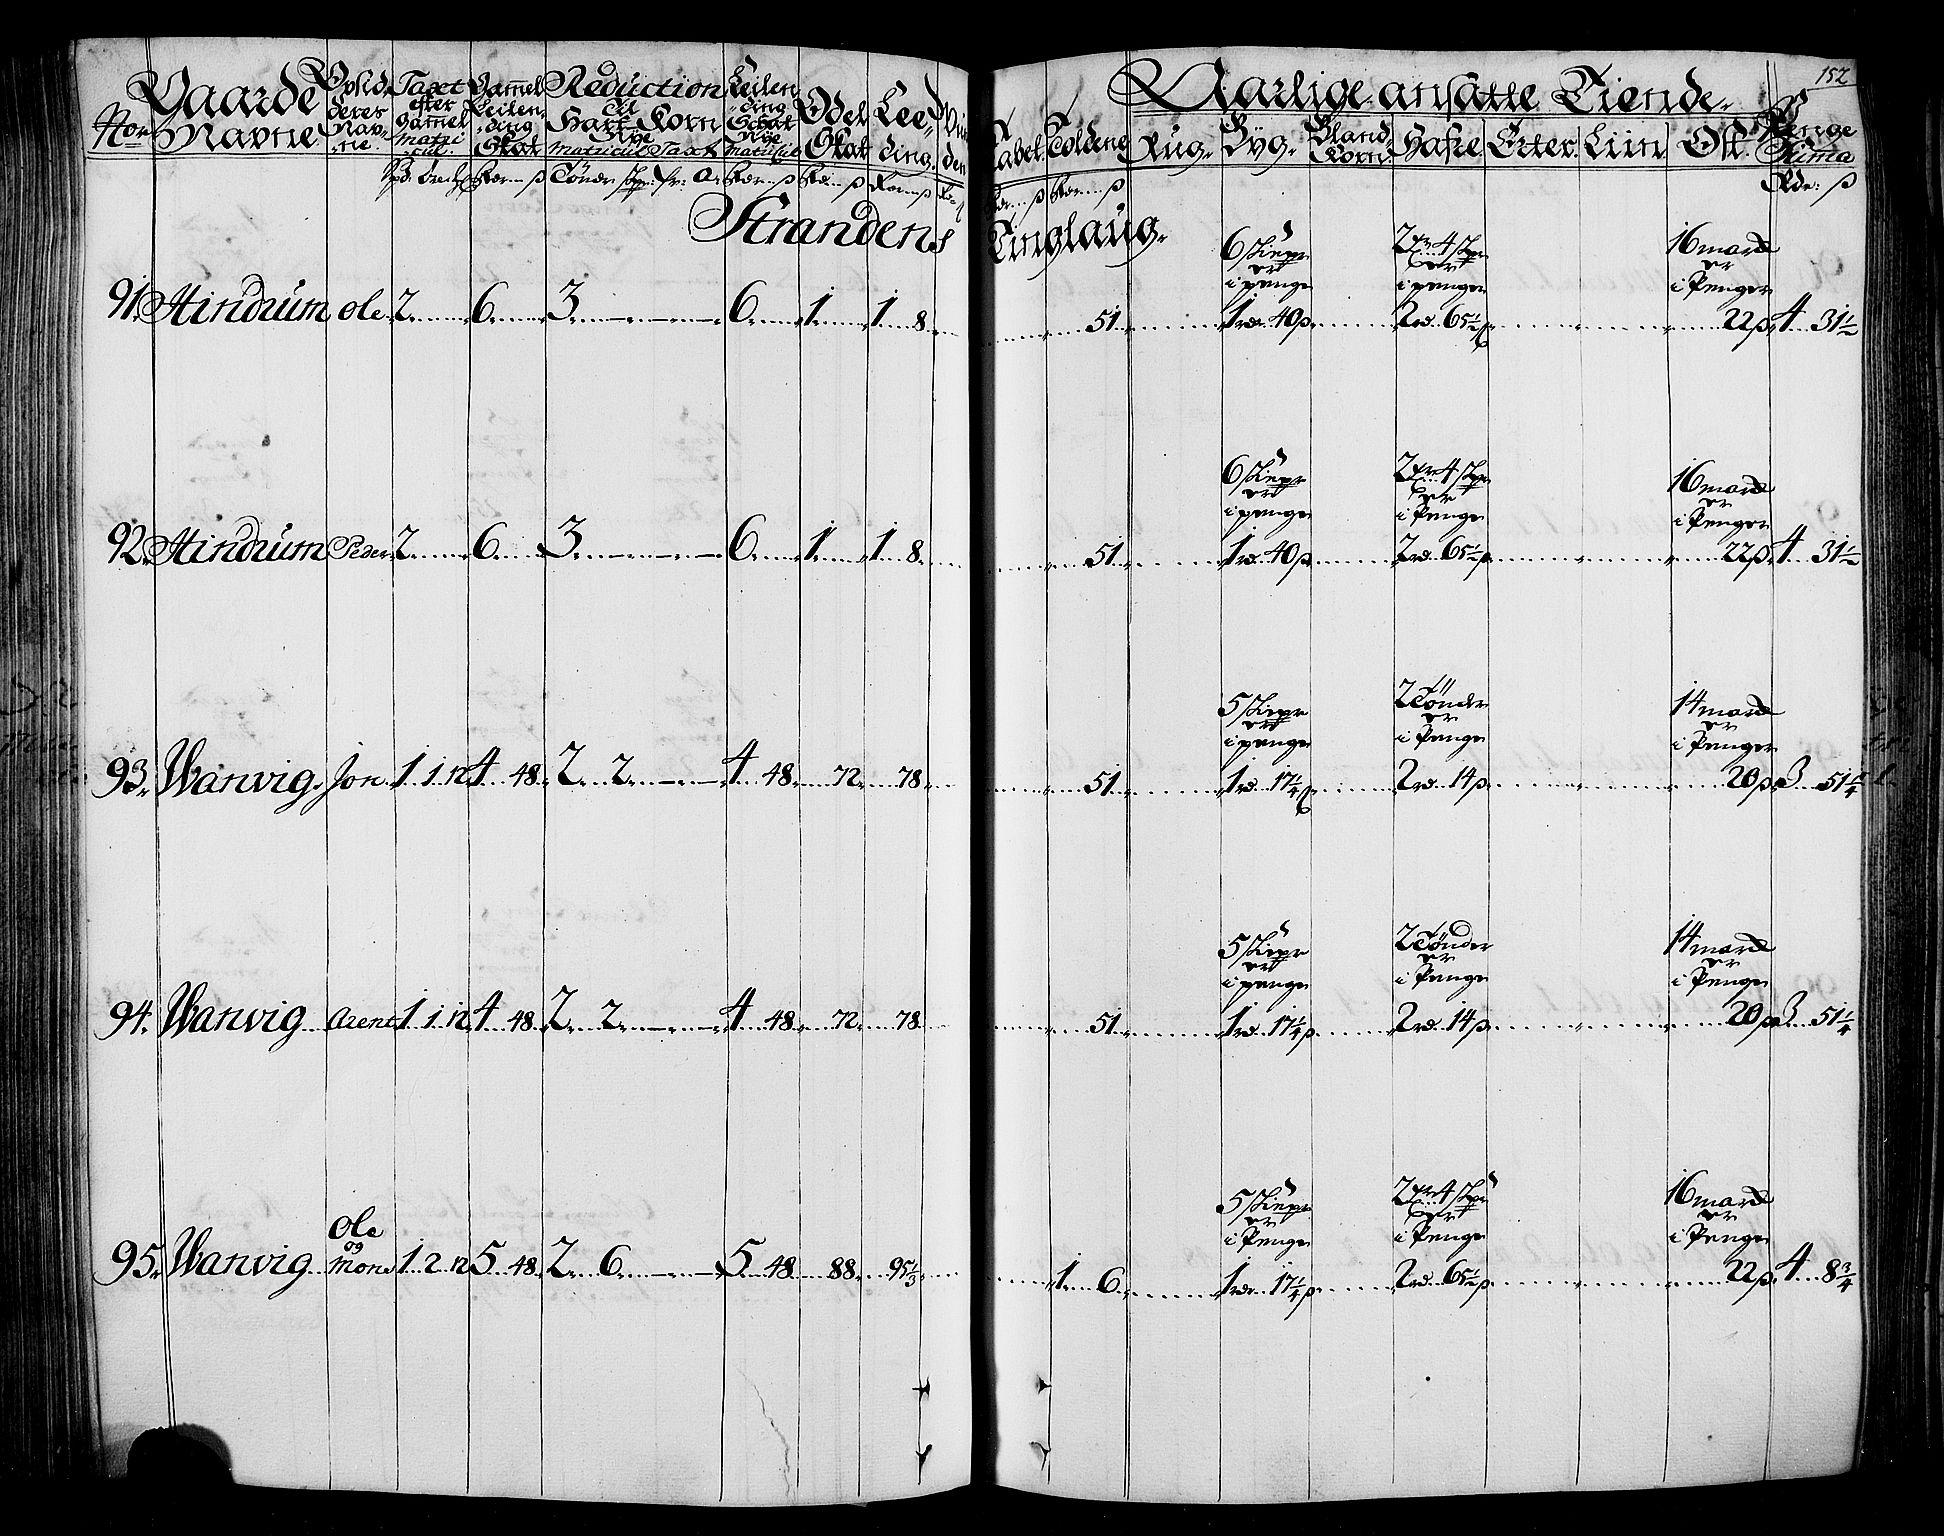 RA, Rentekammeret inntil 1814, Realistisk ordnet avdeling, N/Nb/Nbf/L0165: Stjørdal og Verdal matrikkelprotokoll, 1723, s. 151b-152a